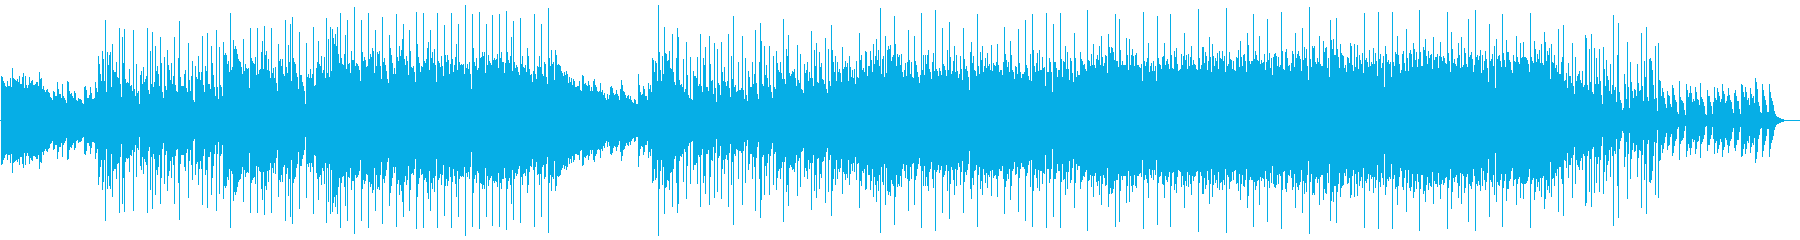 疾走感 エネルギッシュ 盛り上がるEDMの再生済みの波形